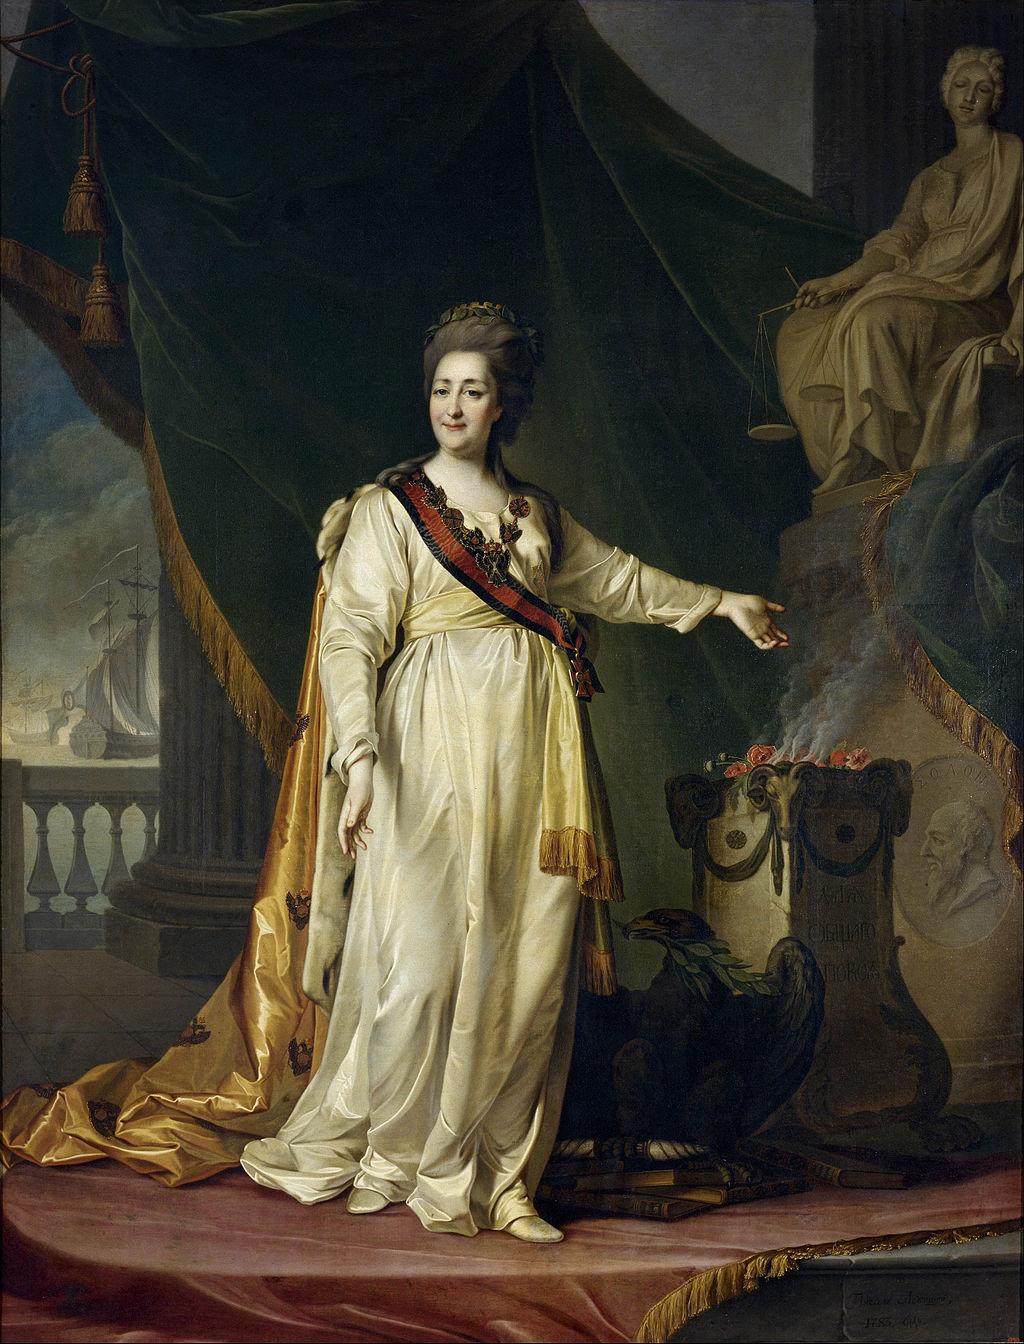 Дмитрий Левицкий, 1783 год, картина «Екатерина II — законодательница в храме богини Правосудия».